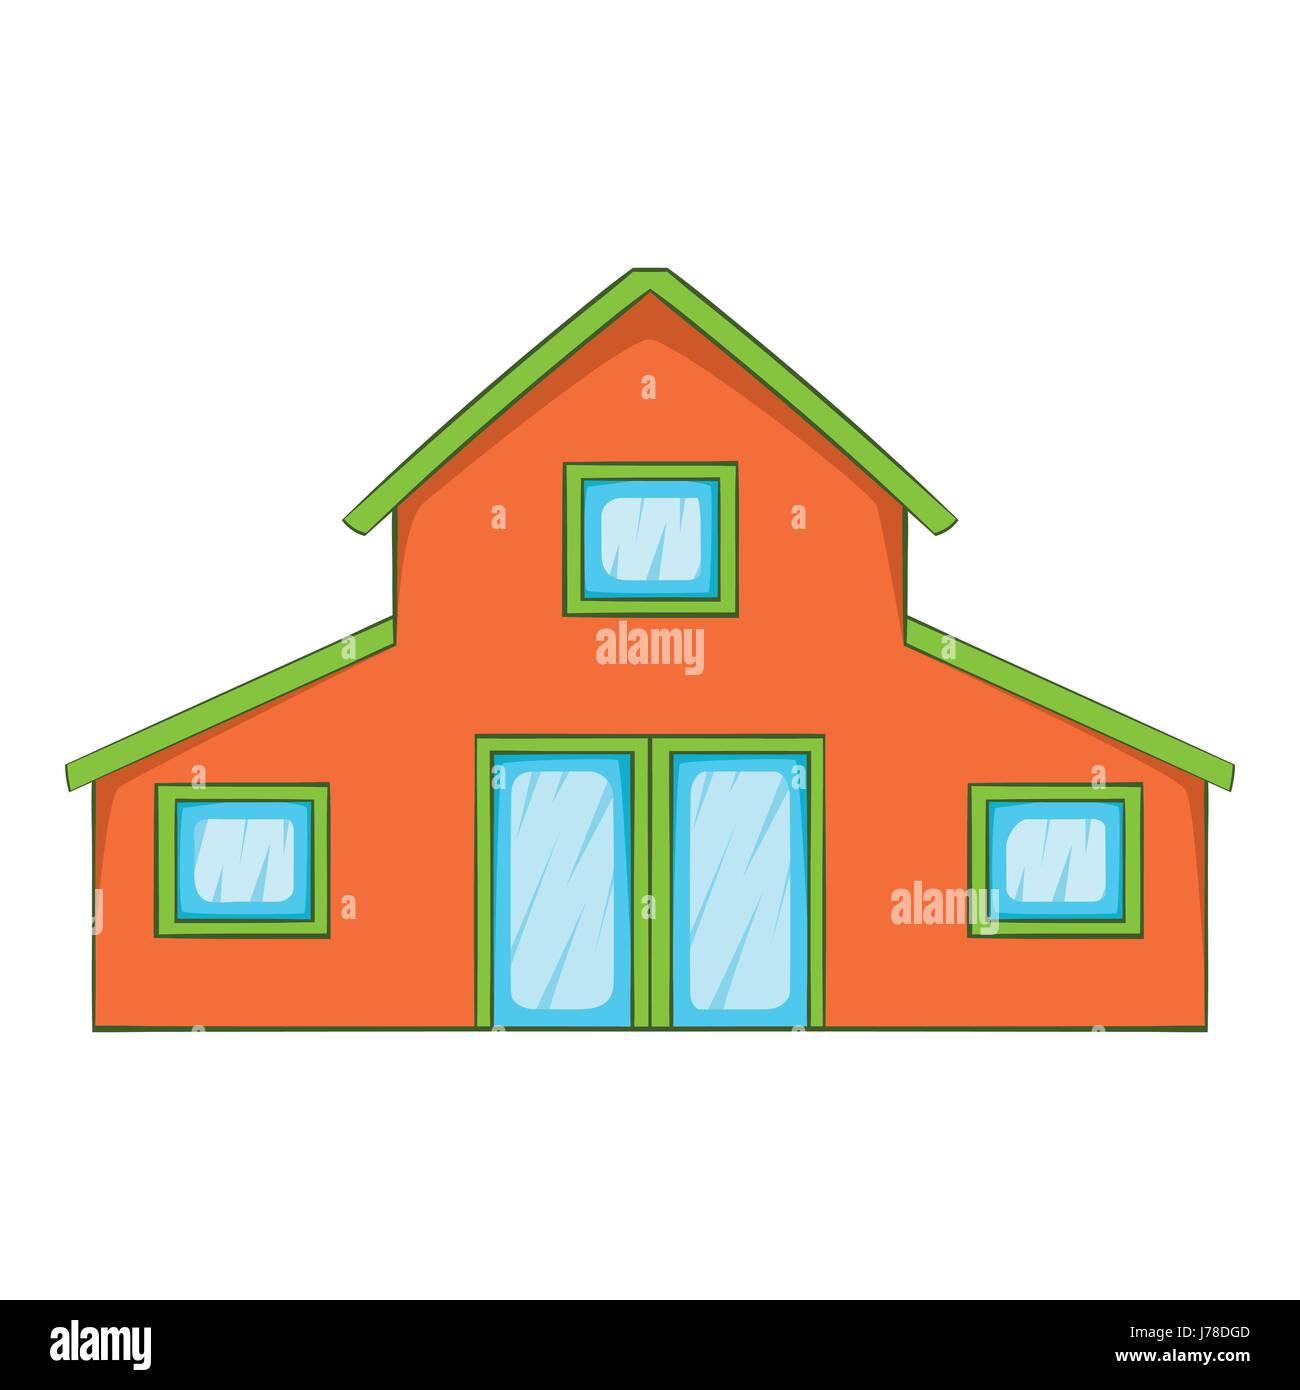 Petite maison située dans le style dessin animé isolé sur fond blanc vector illustration